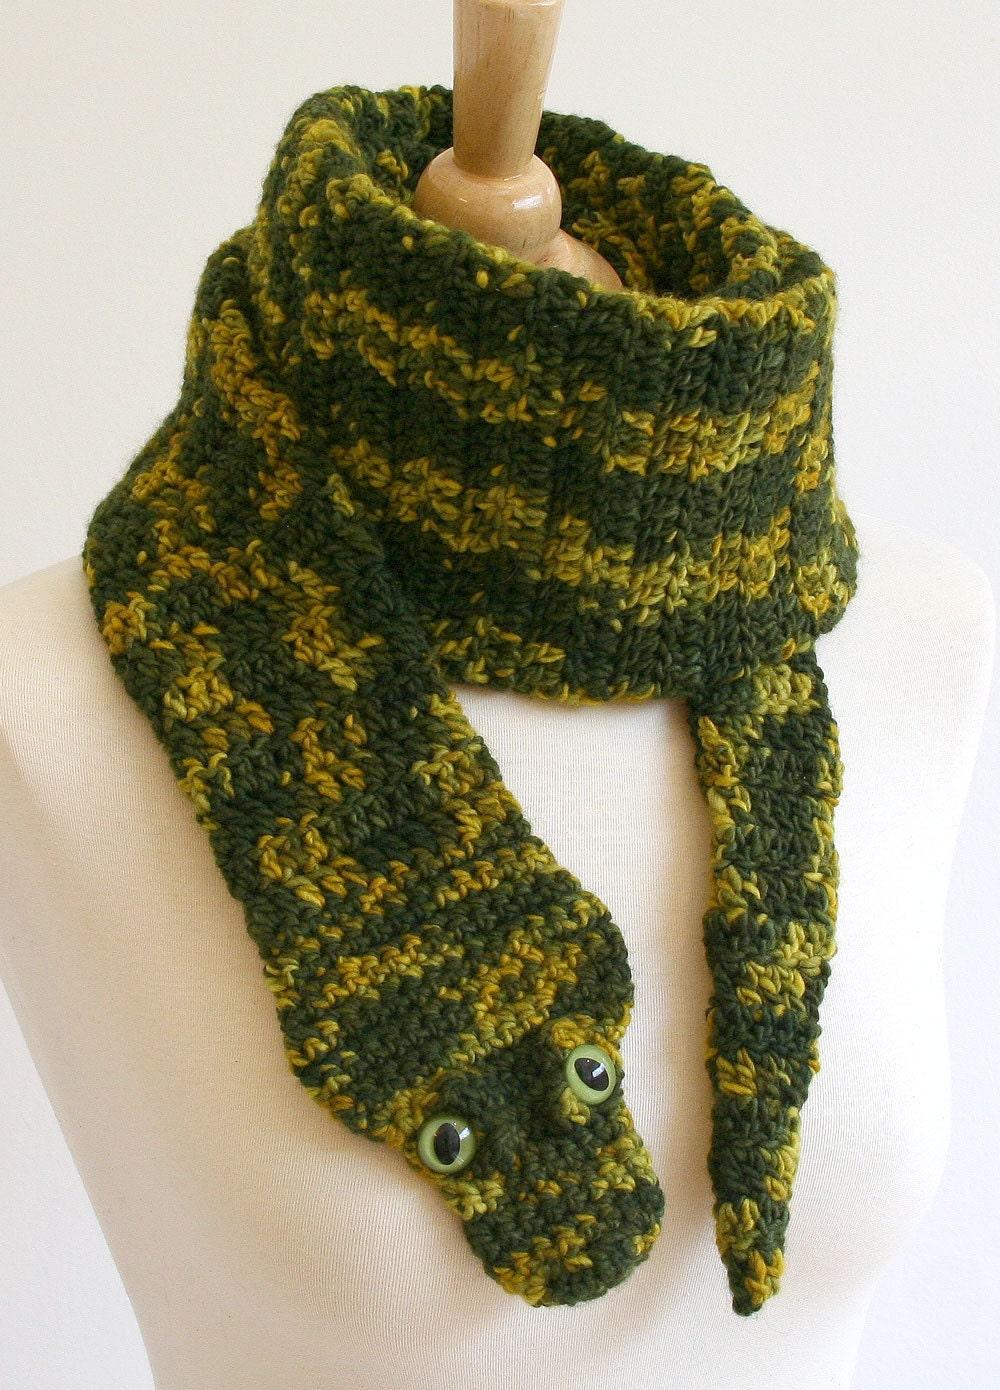 HARRY POTTER SCARF CROCHET PATTERN ? Easy Crochet Patterns